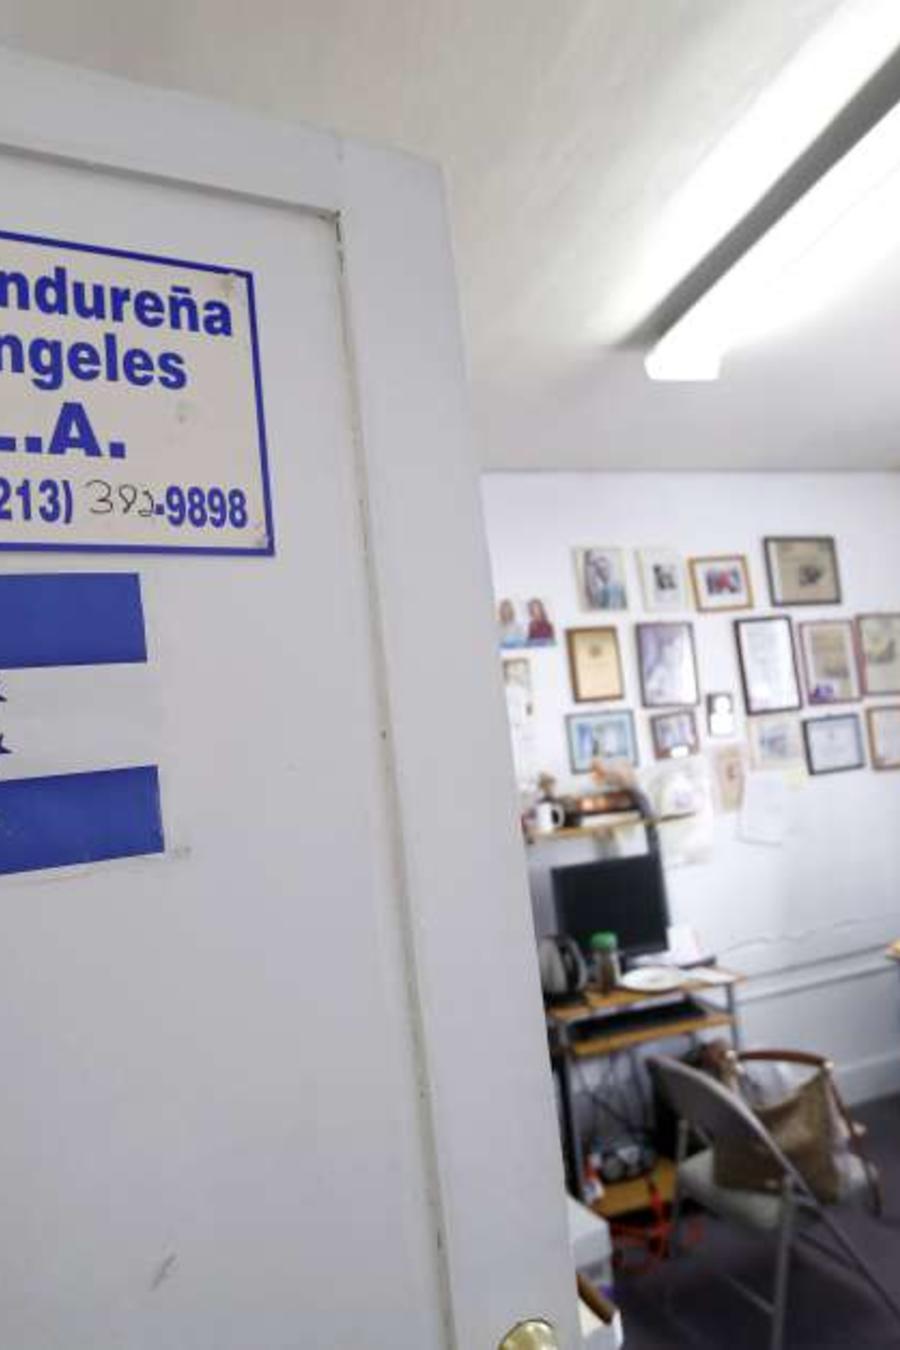 Los hondureños aún esperan una decisión final sobre el futuro de su estatus con TPS